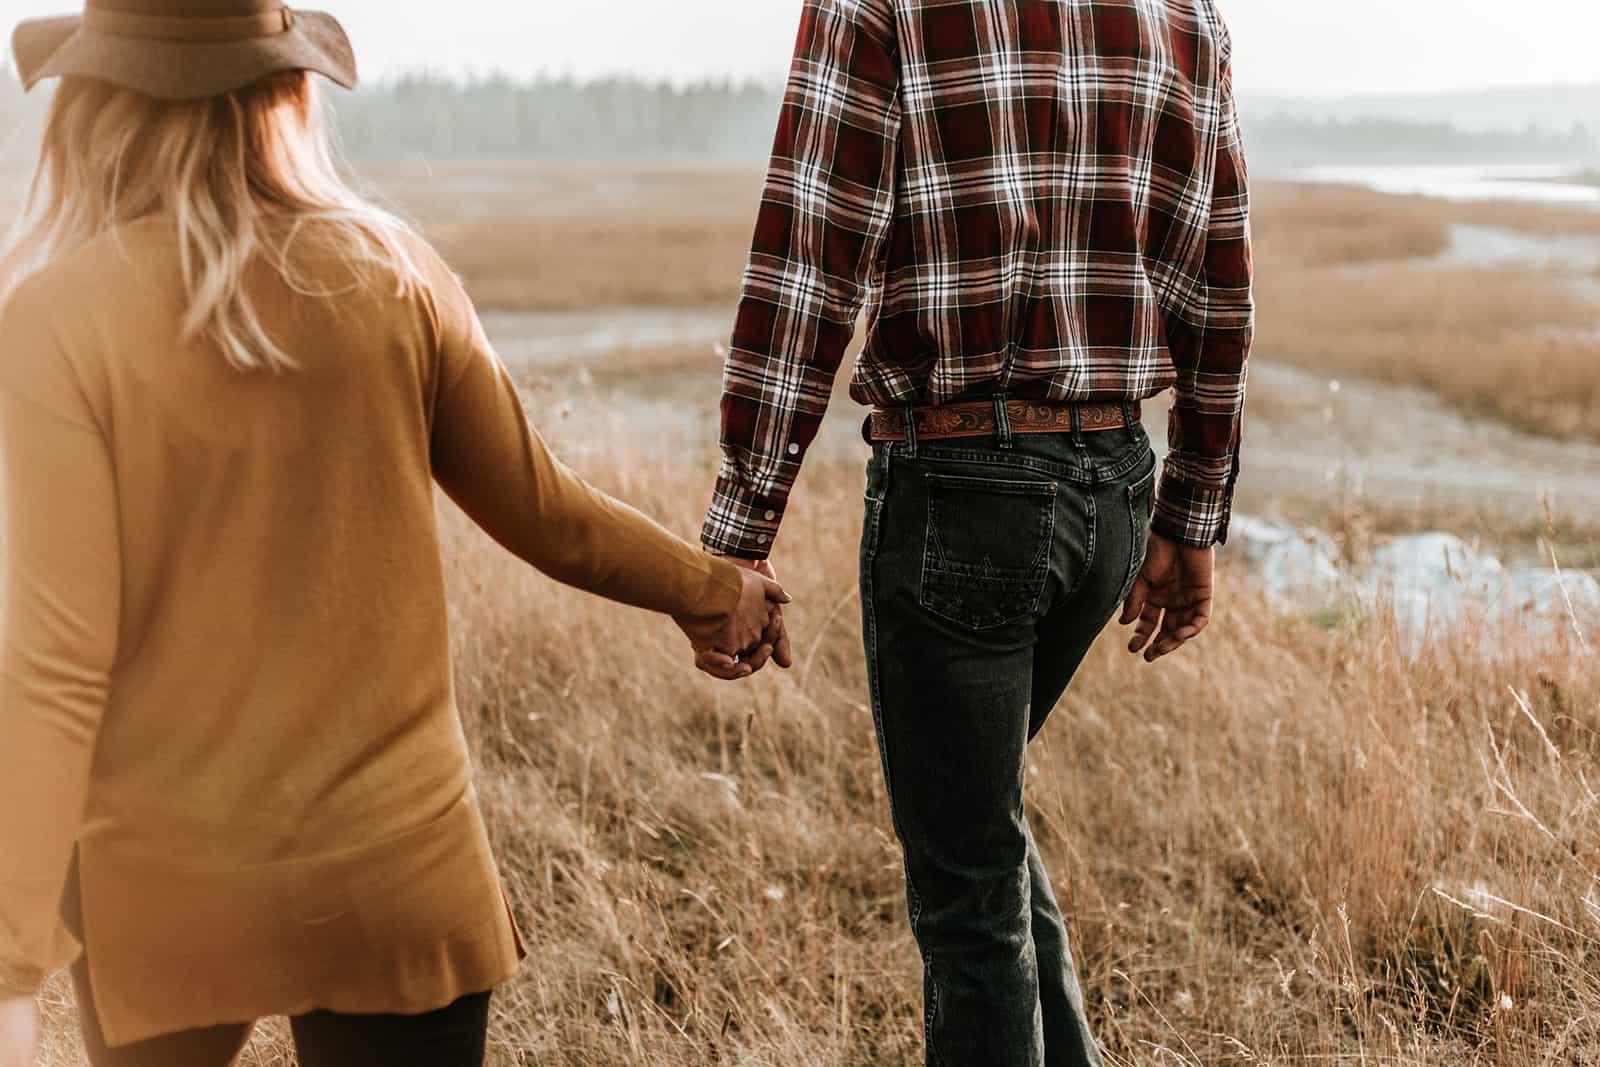 ein Paar Händchen haltend beim Gehen über das trockene Gras